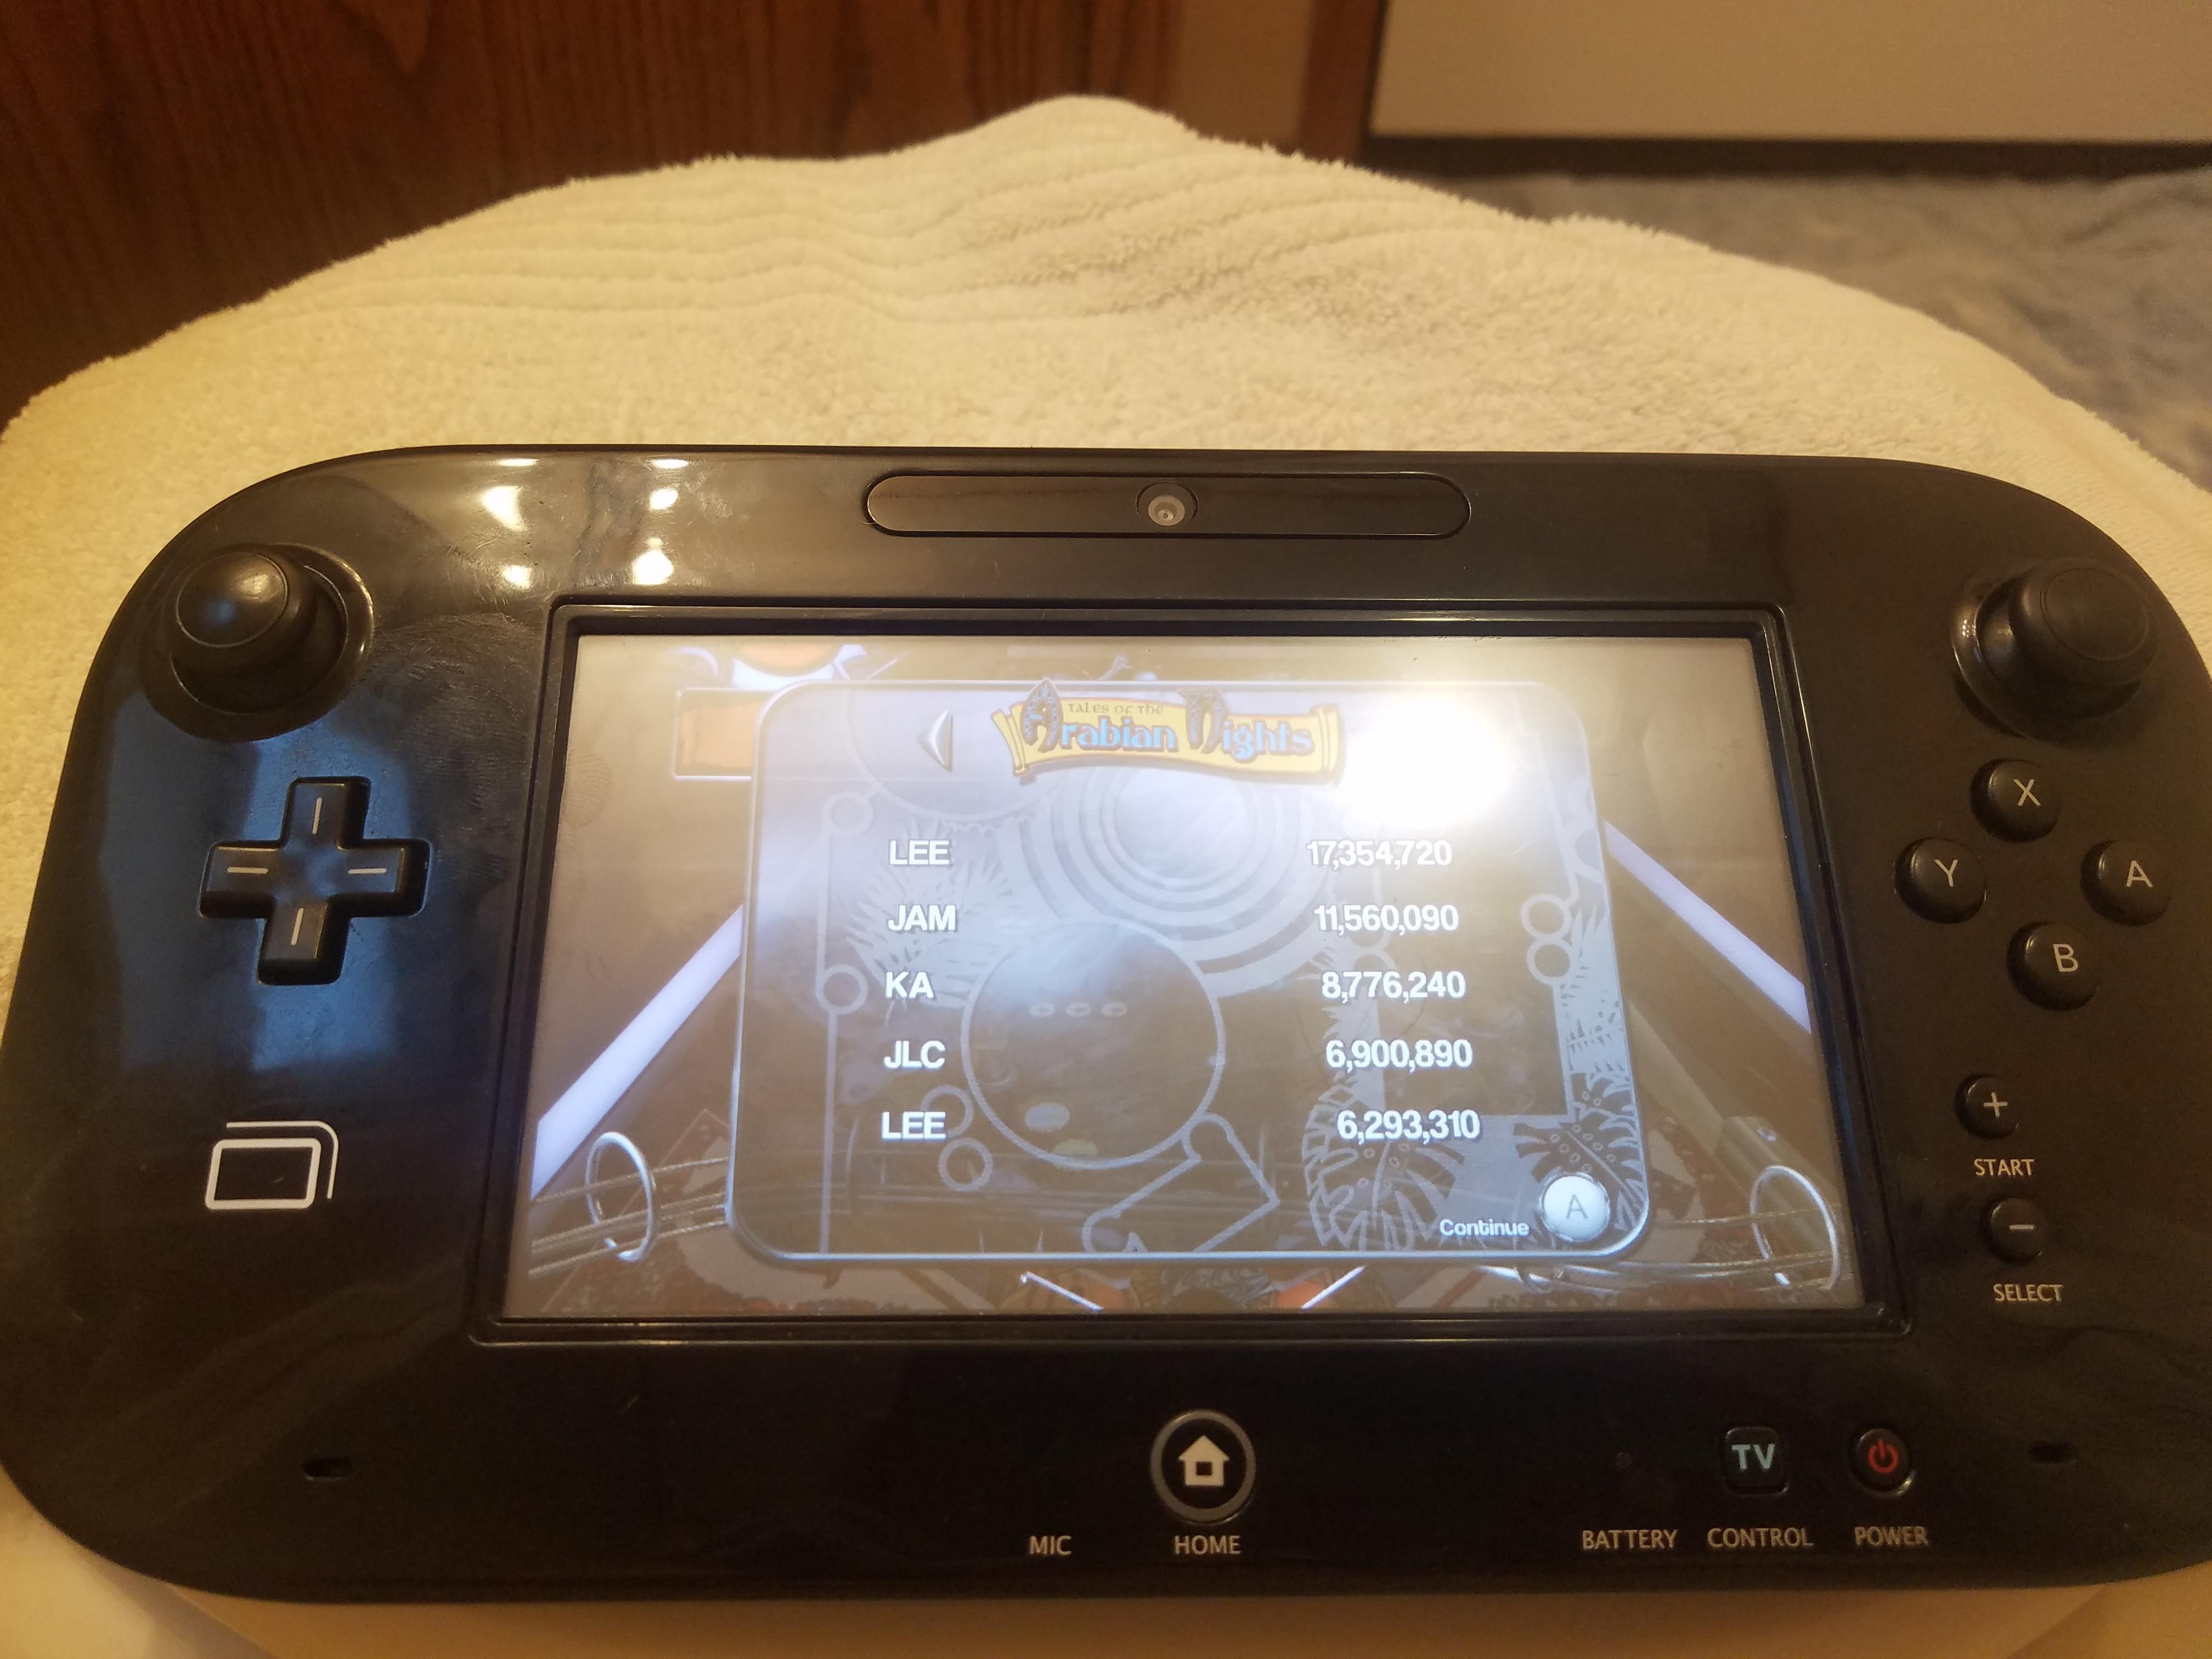 LeeJ07: Pinball Arcade: Arabian Knights (Wii U) 17,354,720 points on 2019-05-10 13:17:53